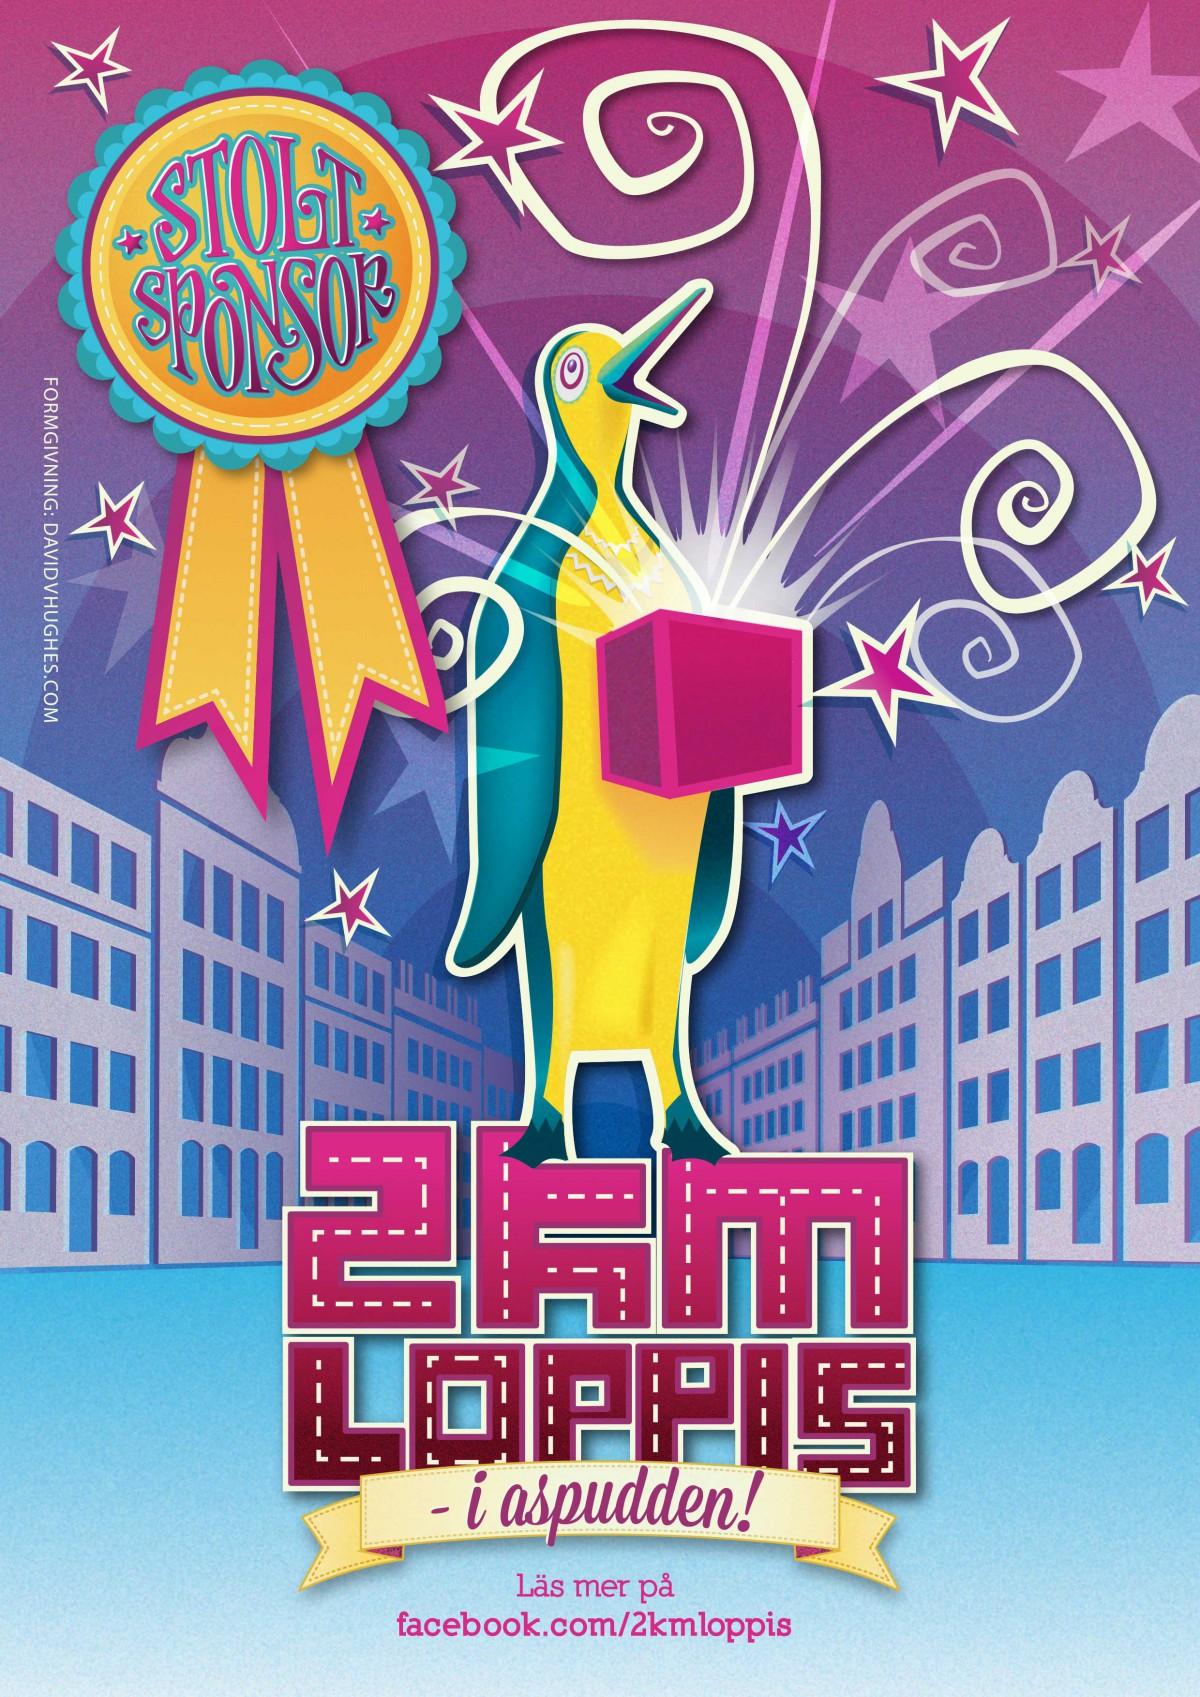 2KM Loppis - Stolt Sponsor Poster